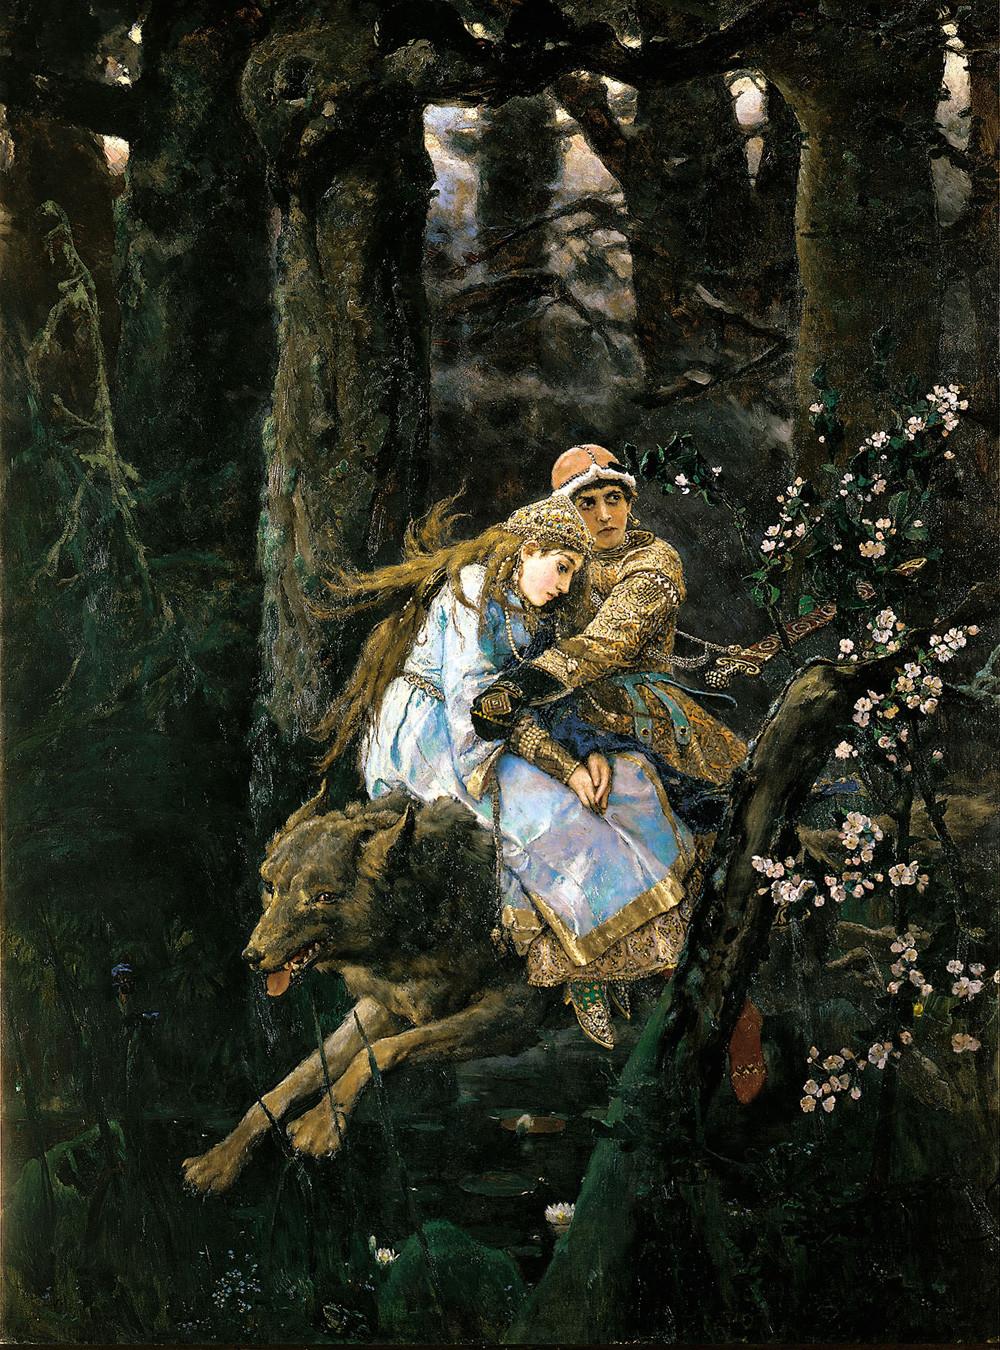 Ivan-Tsarevich sul lupo grigio